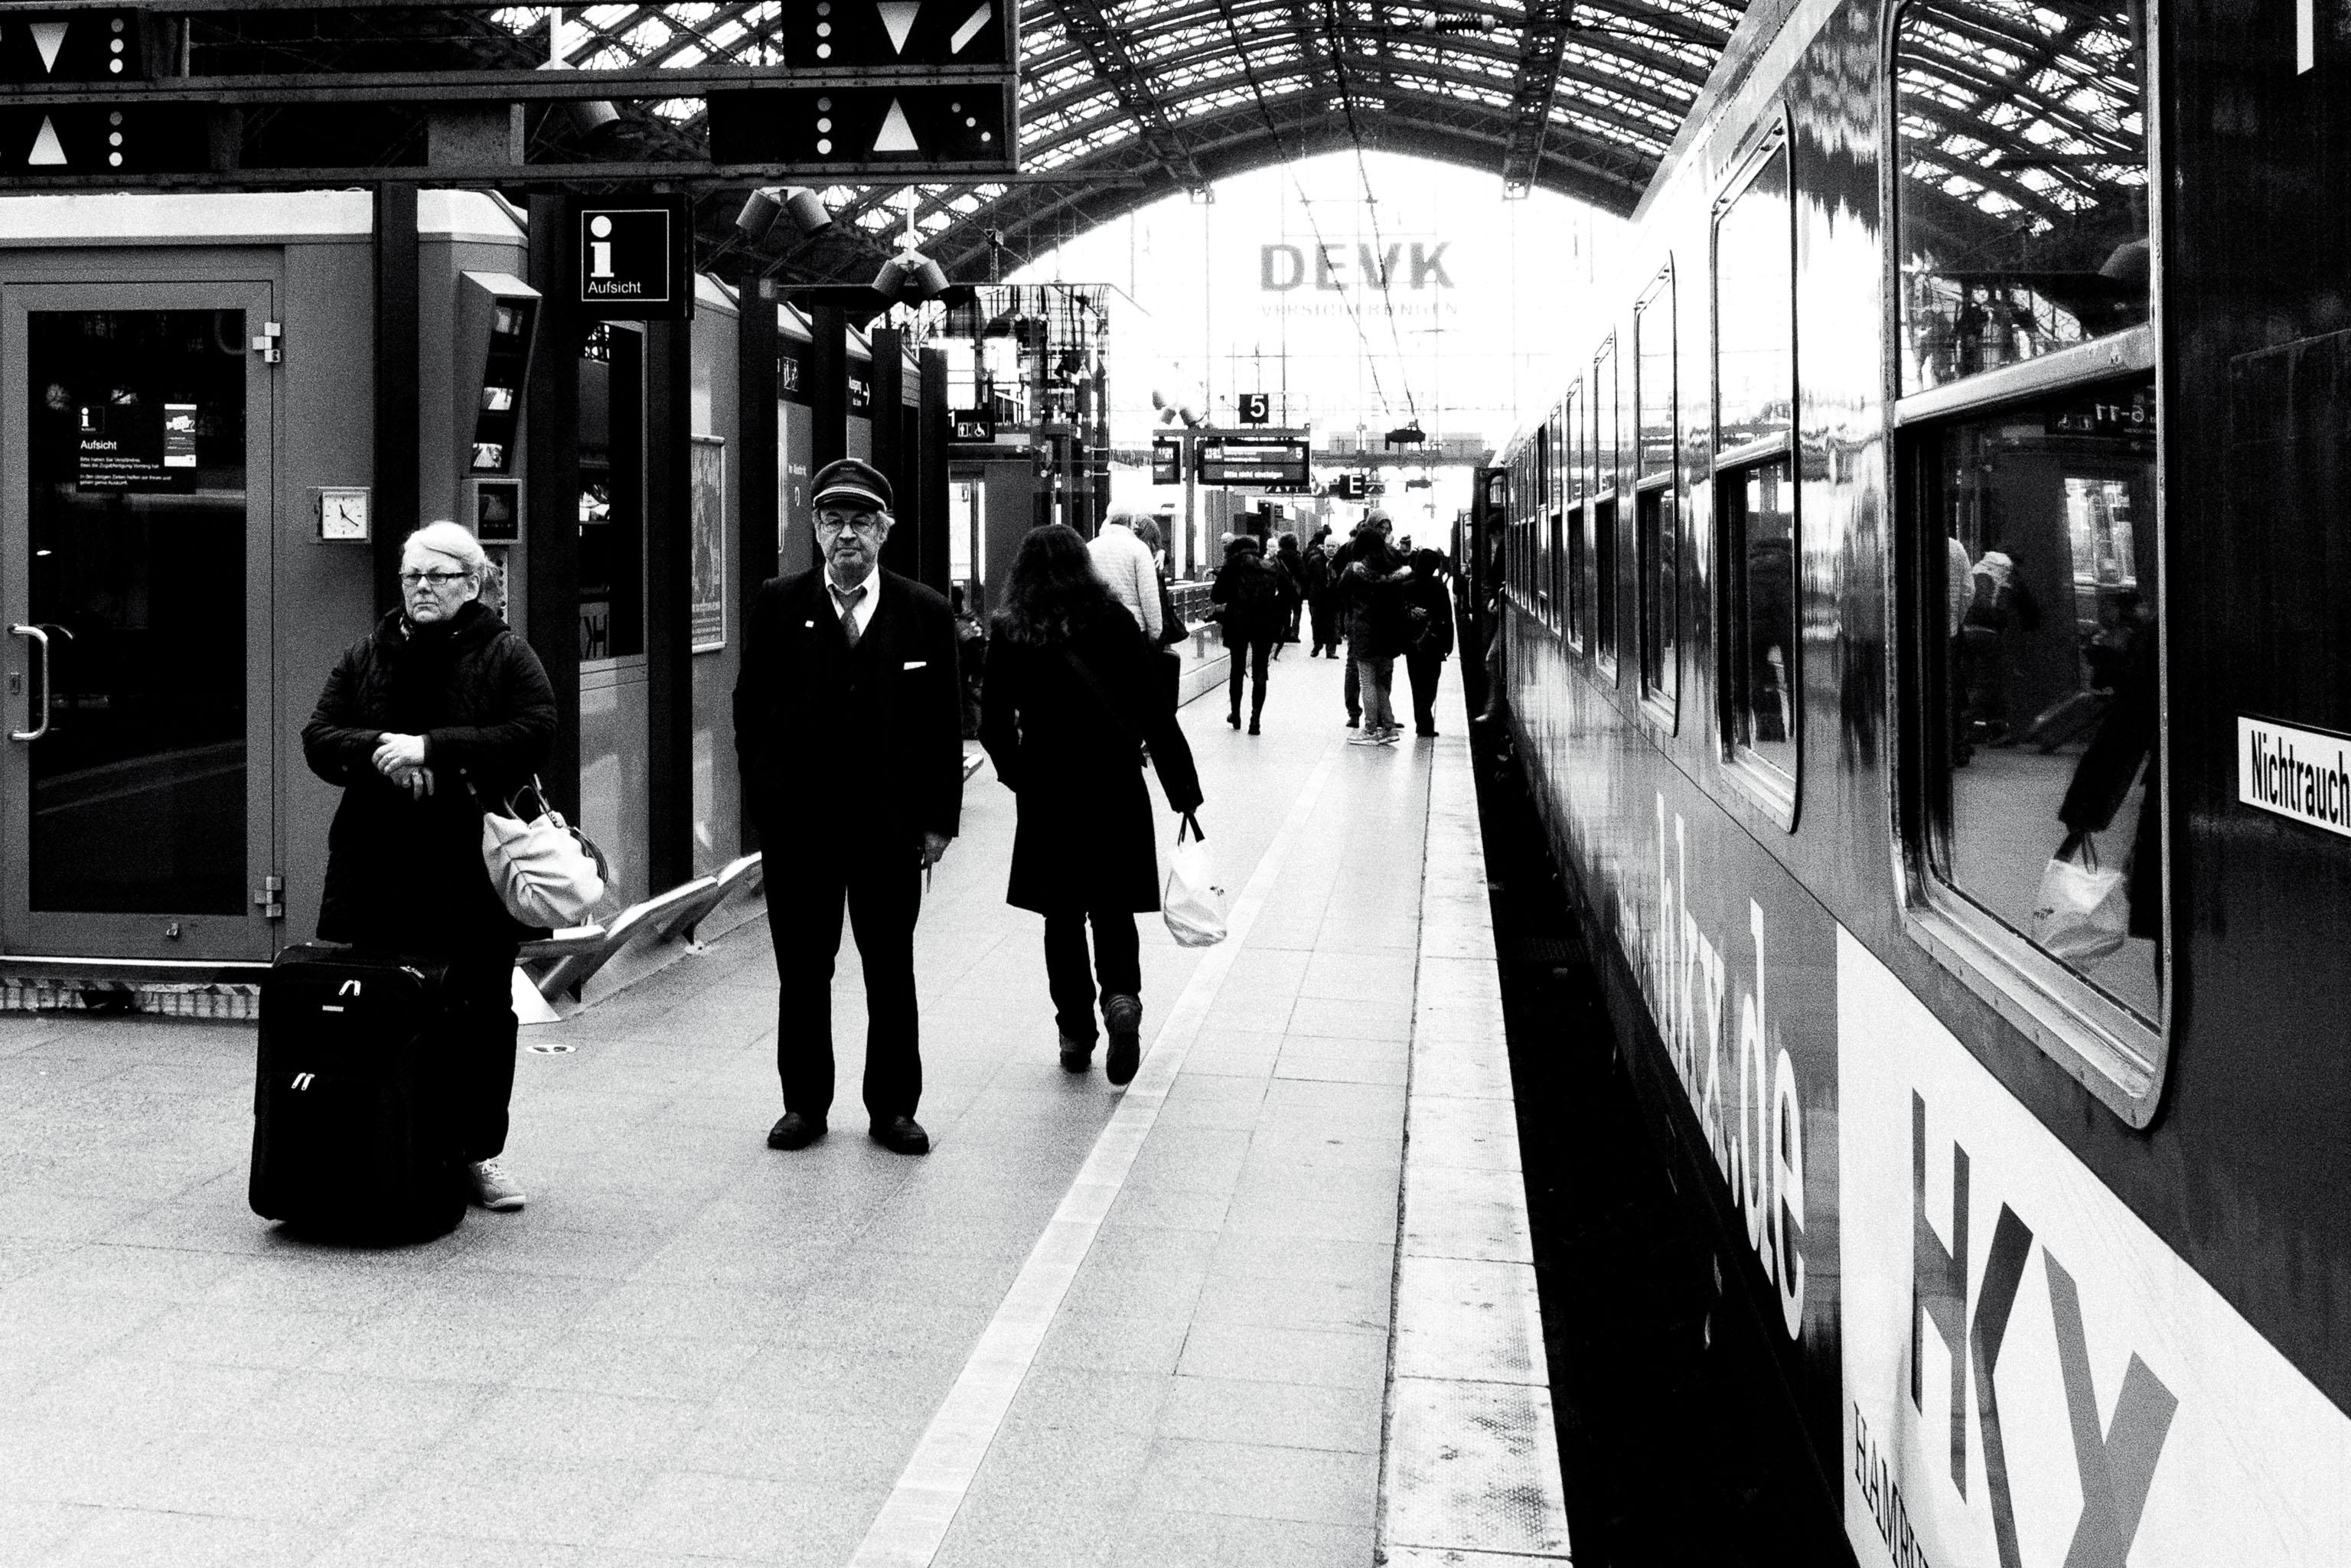 Sven-Michael---S-2013--7-[waiting-for-the-train]---©-Sven-Michael-Golimowski.jpg